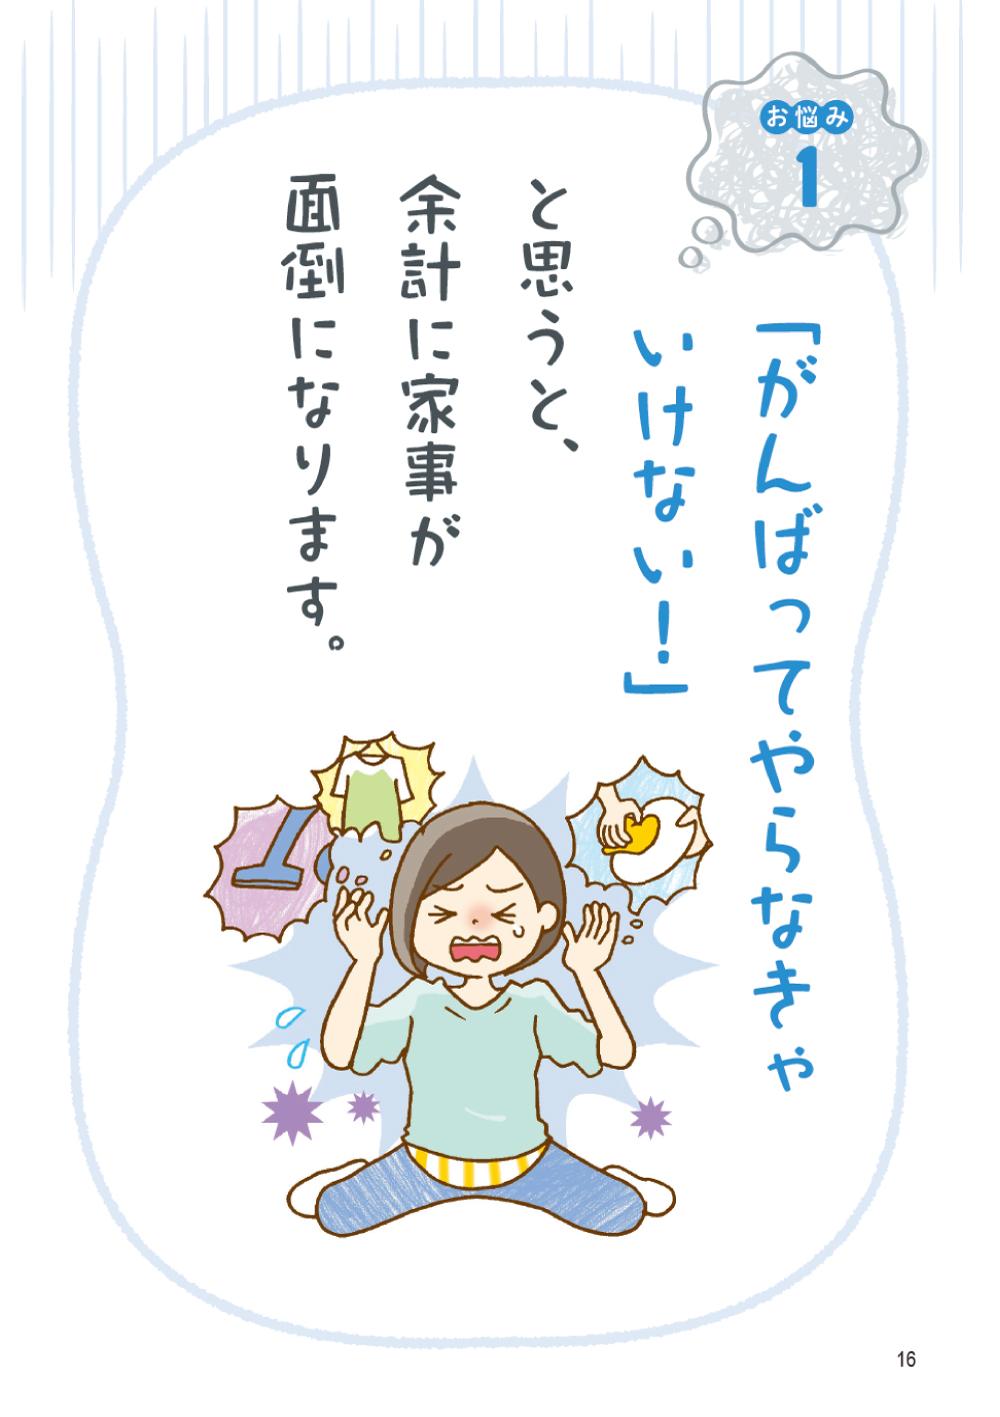 【家事】あな吉さんの家事をやめても愛されるズボラ主婦革命の画像4